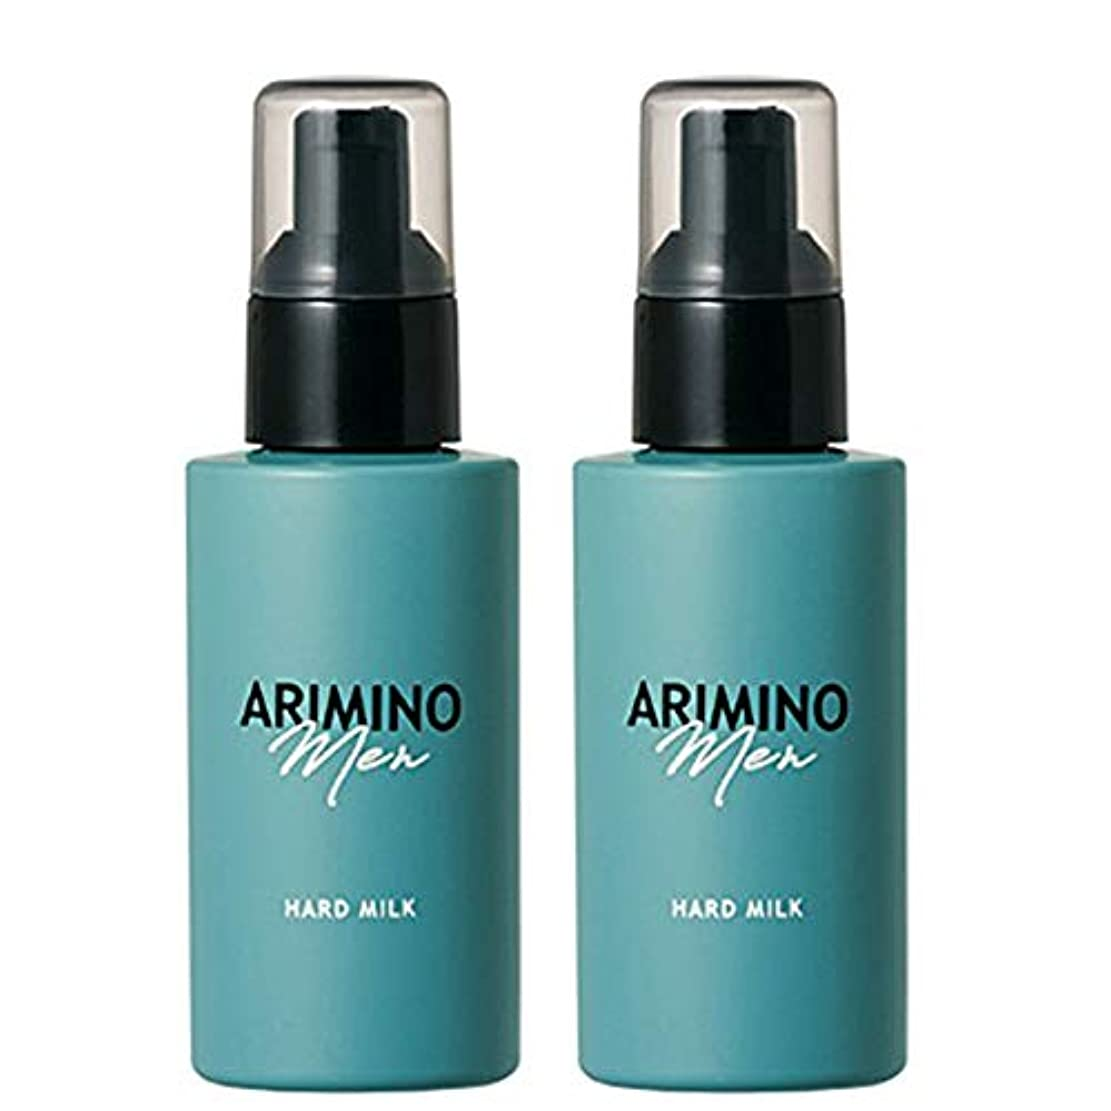 ピクニックラテン姿を消すアリミノ メン ハード ミルク 100g ×2個 セット arimino men